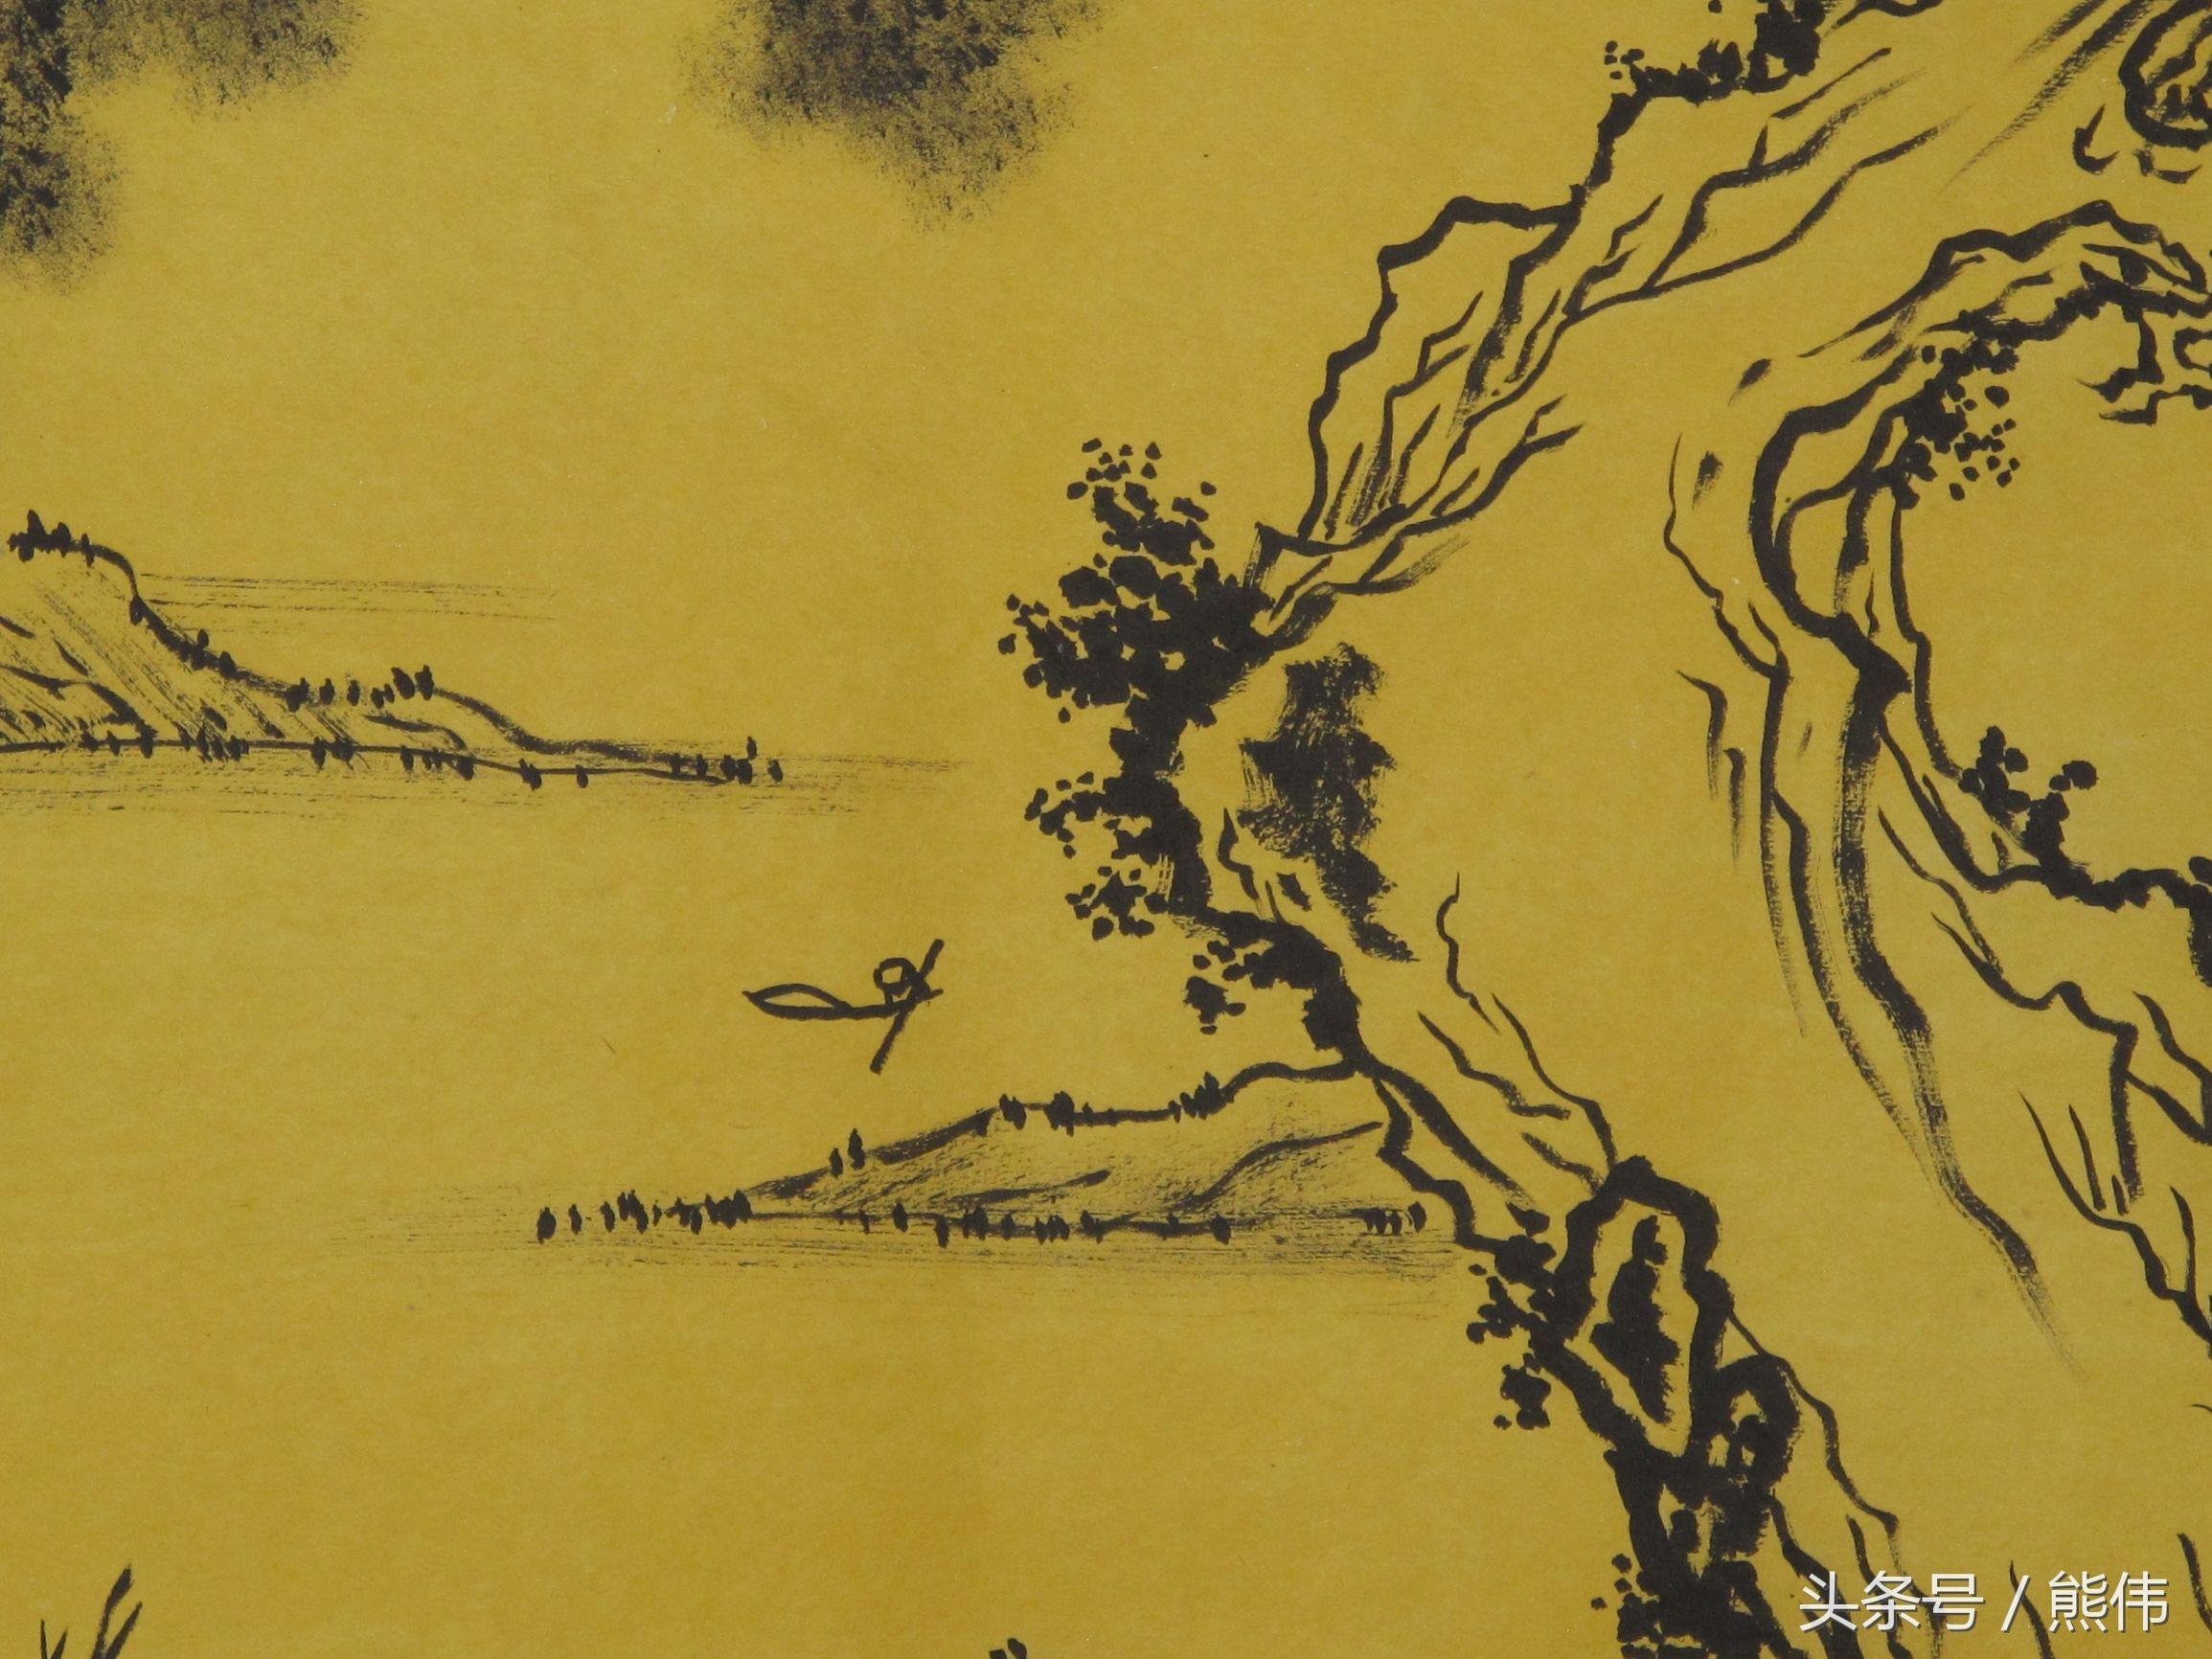 国画松鼠和松树应怎样题词问:画一幅松树和松鼠不知如何题词答:题上